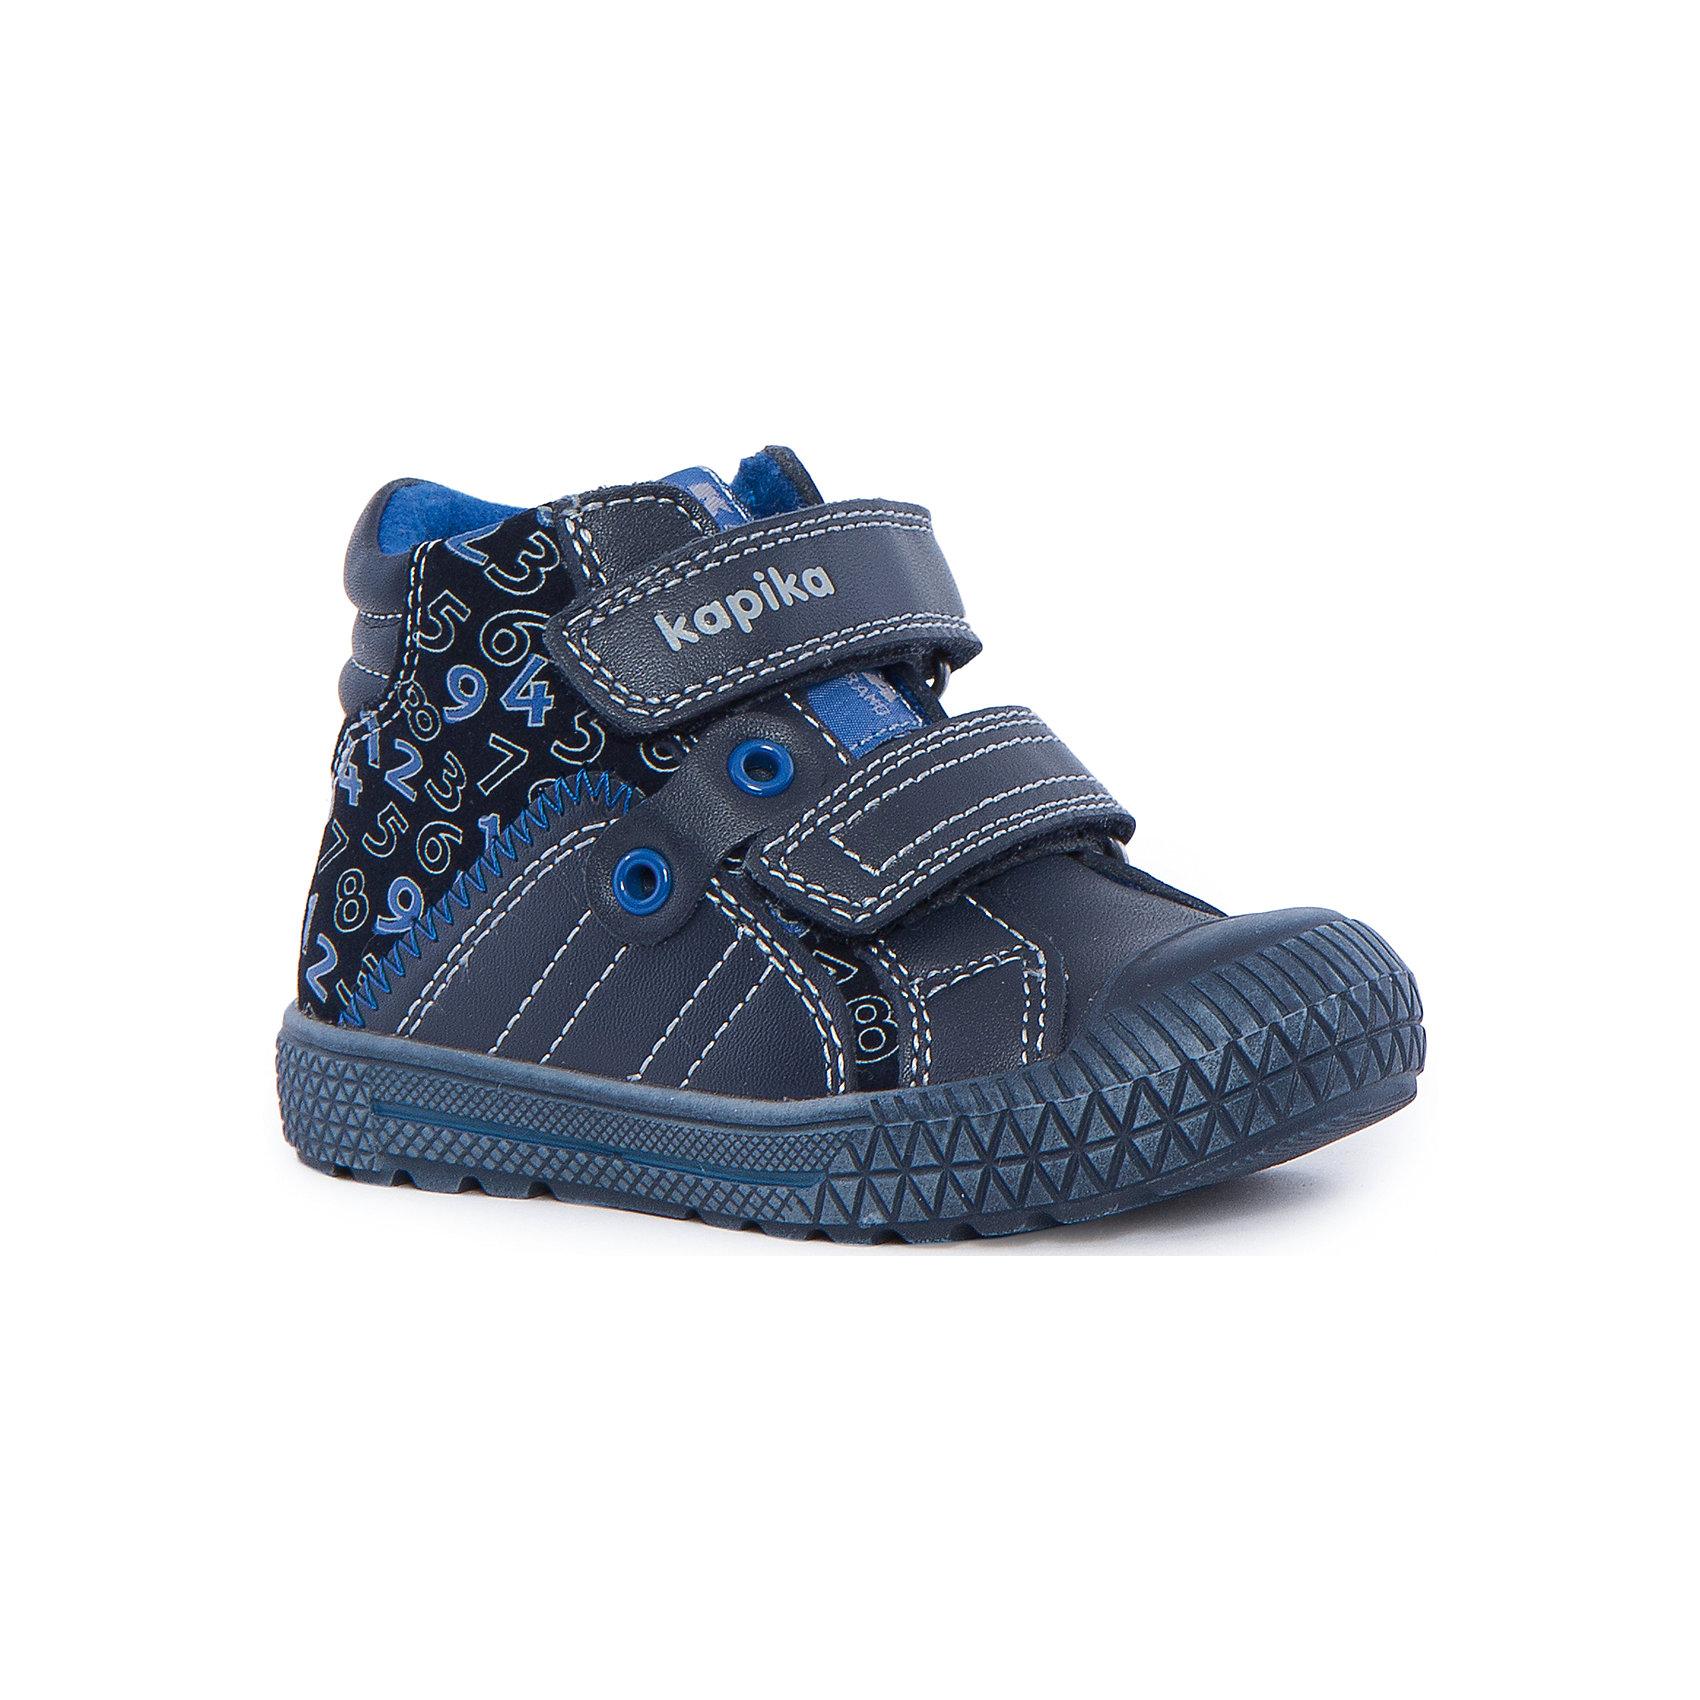 Ботинки для мальчика KAPIKAБотинки<br>Ботинки для мальчика KAPIKA – стиль, красота и тепло.<br>Красивые модные ботинки из натуральной кожи делают ходьбу комфортной и теплой. Ботинки сделаны с жестким задником и супинатором для правильного формирования ступни. Хорошо прилегают к ноге, закрепляясь двумя липучками. Прорезиненный нос и подошва.<br><br>Дополнительная информация:<br><br>- материал верха: натуральная кожа/искусственная кожа<br>- цвет: синие<br><br>Ботинки для мальчика KAPIKA можно купить в нашем интернет магазине.<br><br>Ширина мм: 262<br>Глубина мм: 176<br>Высота мм: 97<br>Вес г: 427<br>Цвет: синий<br>Возраст от месяцев: 21<br>Возраст до месяцев: 24<br>Пол: Мужской<br>Возраст: Детский<br>Размер: 22,23,24,21<br>SKU: 4988005